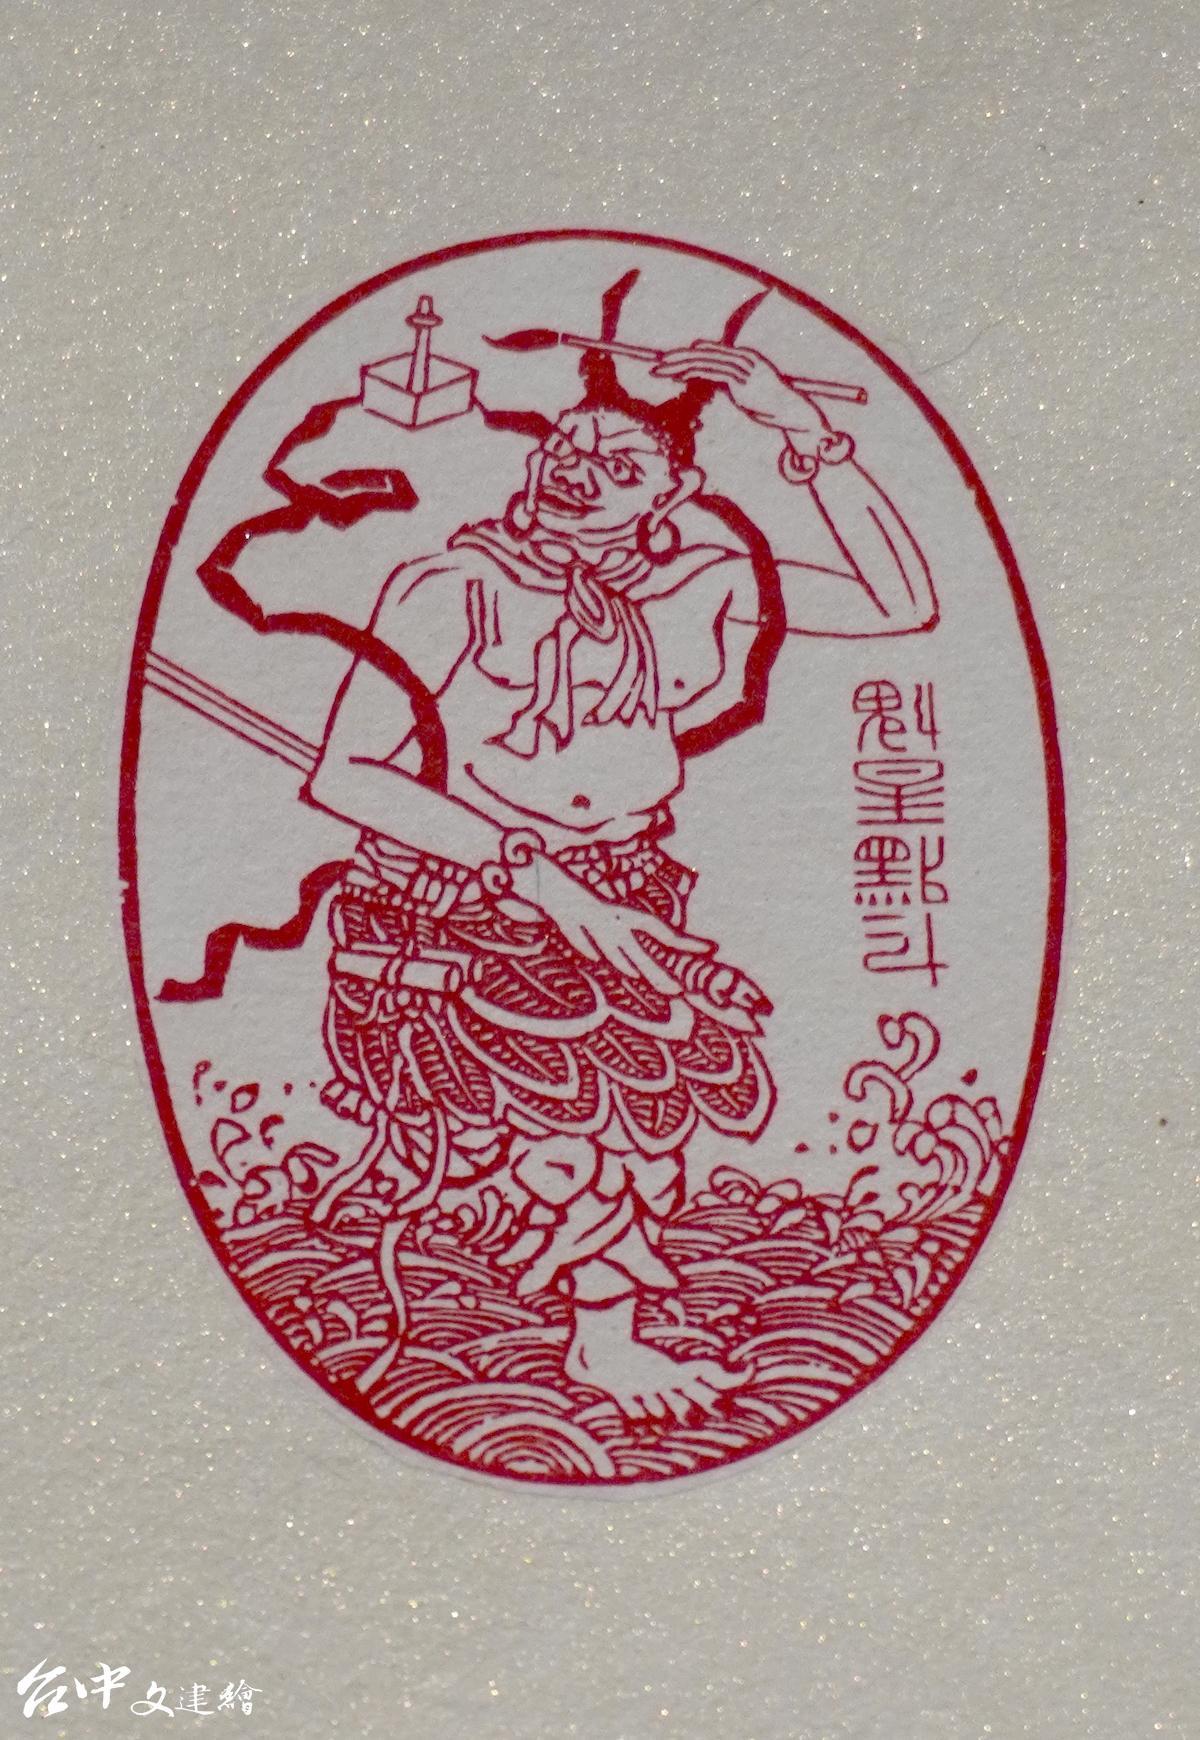 2021 全國美展,篆刻類,免審查者,羅應良「野人廬鐵筆」局部。(圖:台中文建繪)